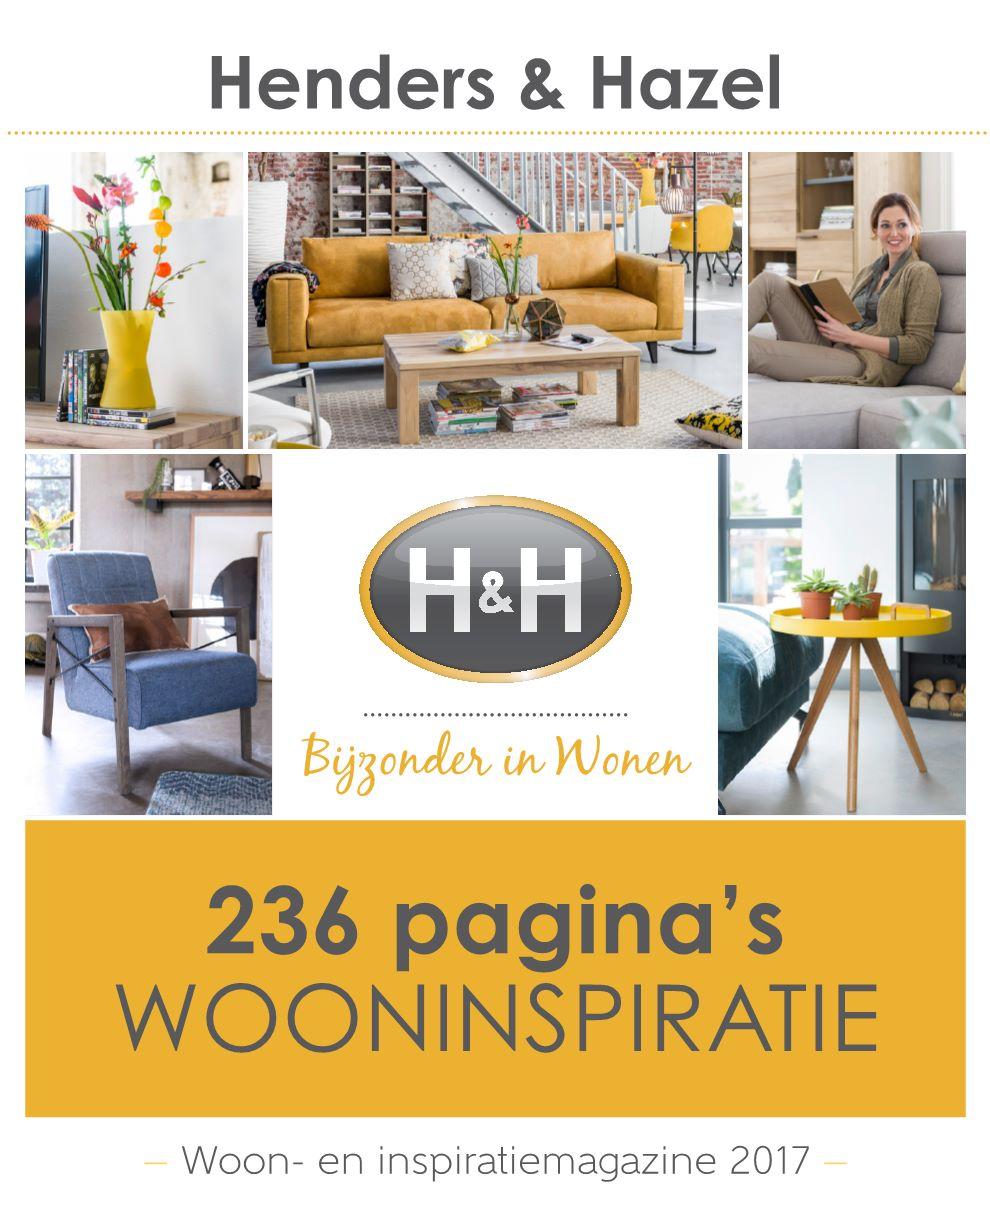 De Groot Wonen Henders & Hazel Woonmagazine 2017